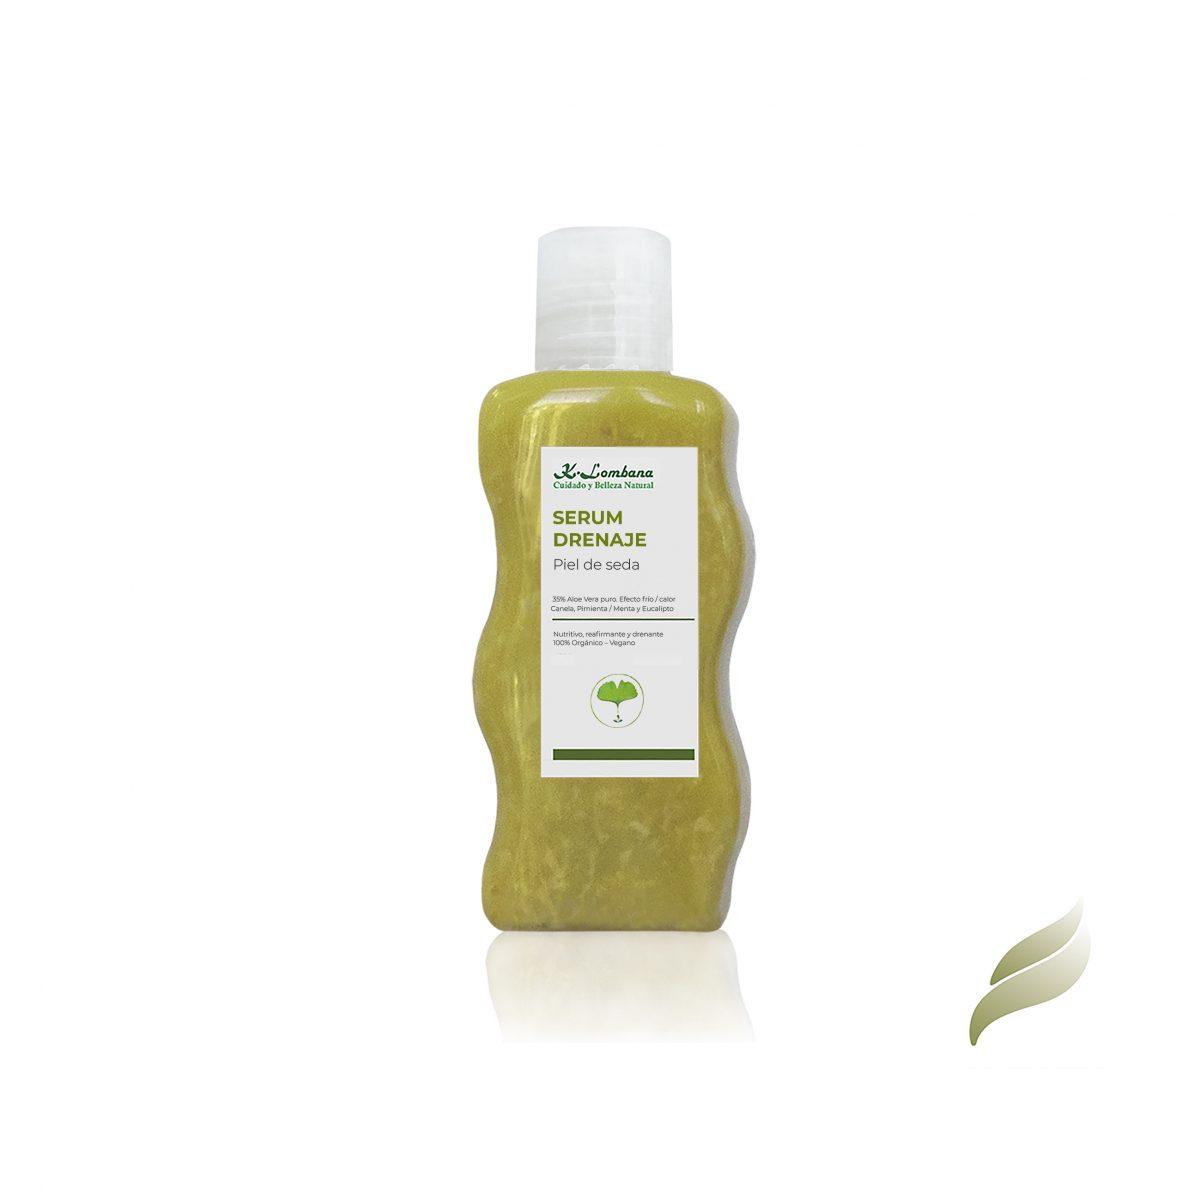 serum-drenaje-piel-seda. muy nutritivo, reafirmante y drenante. Activa la circulación! Aloe Vera puro. aceite esencial- efecto frío y calor